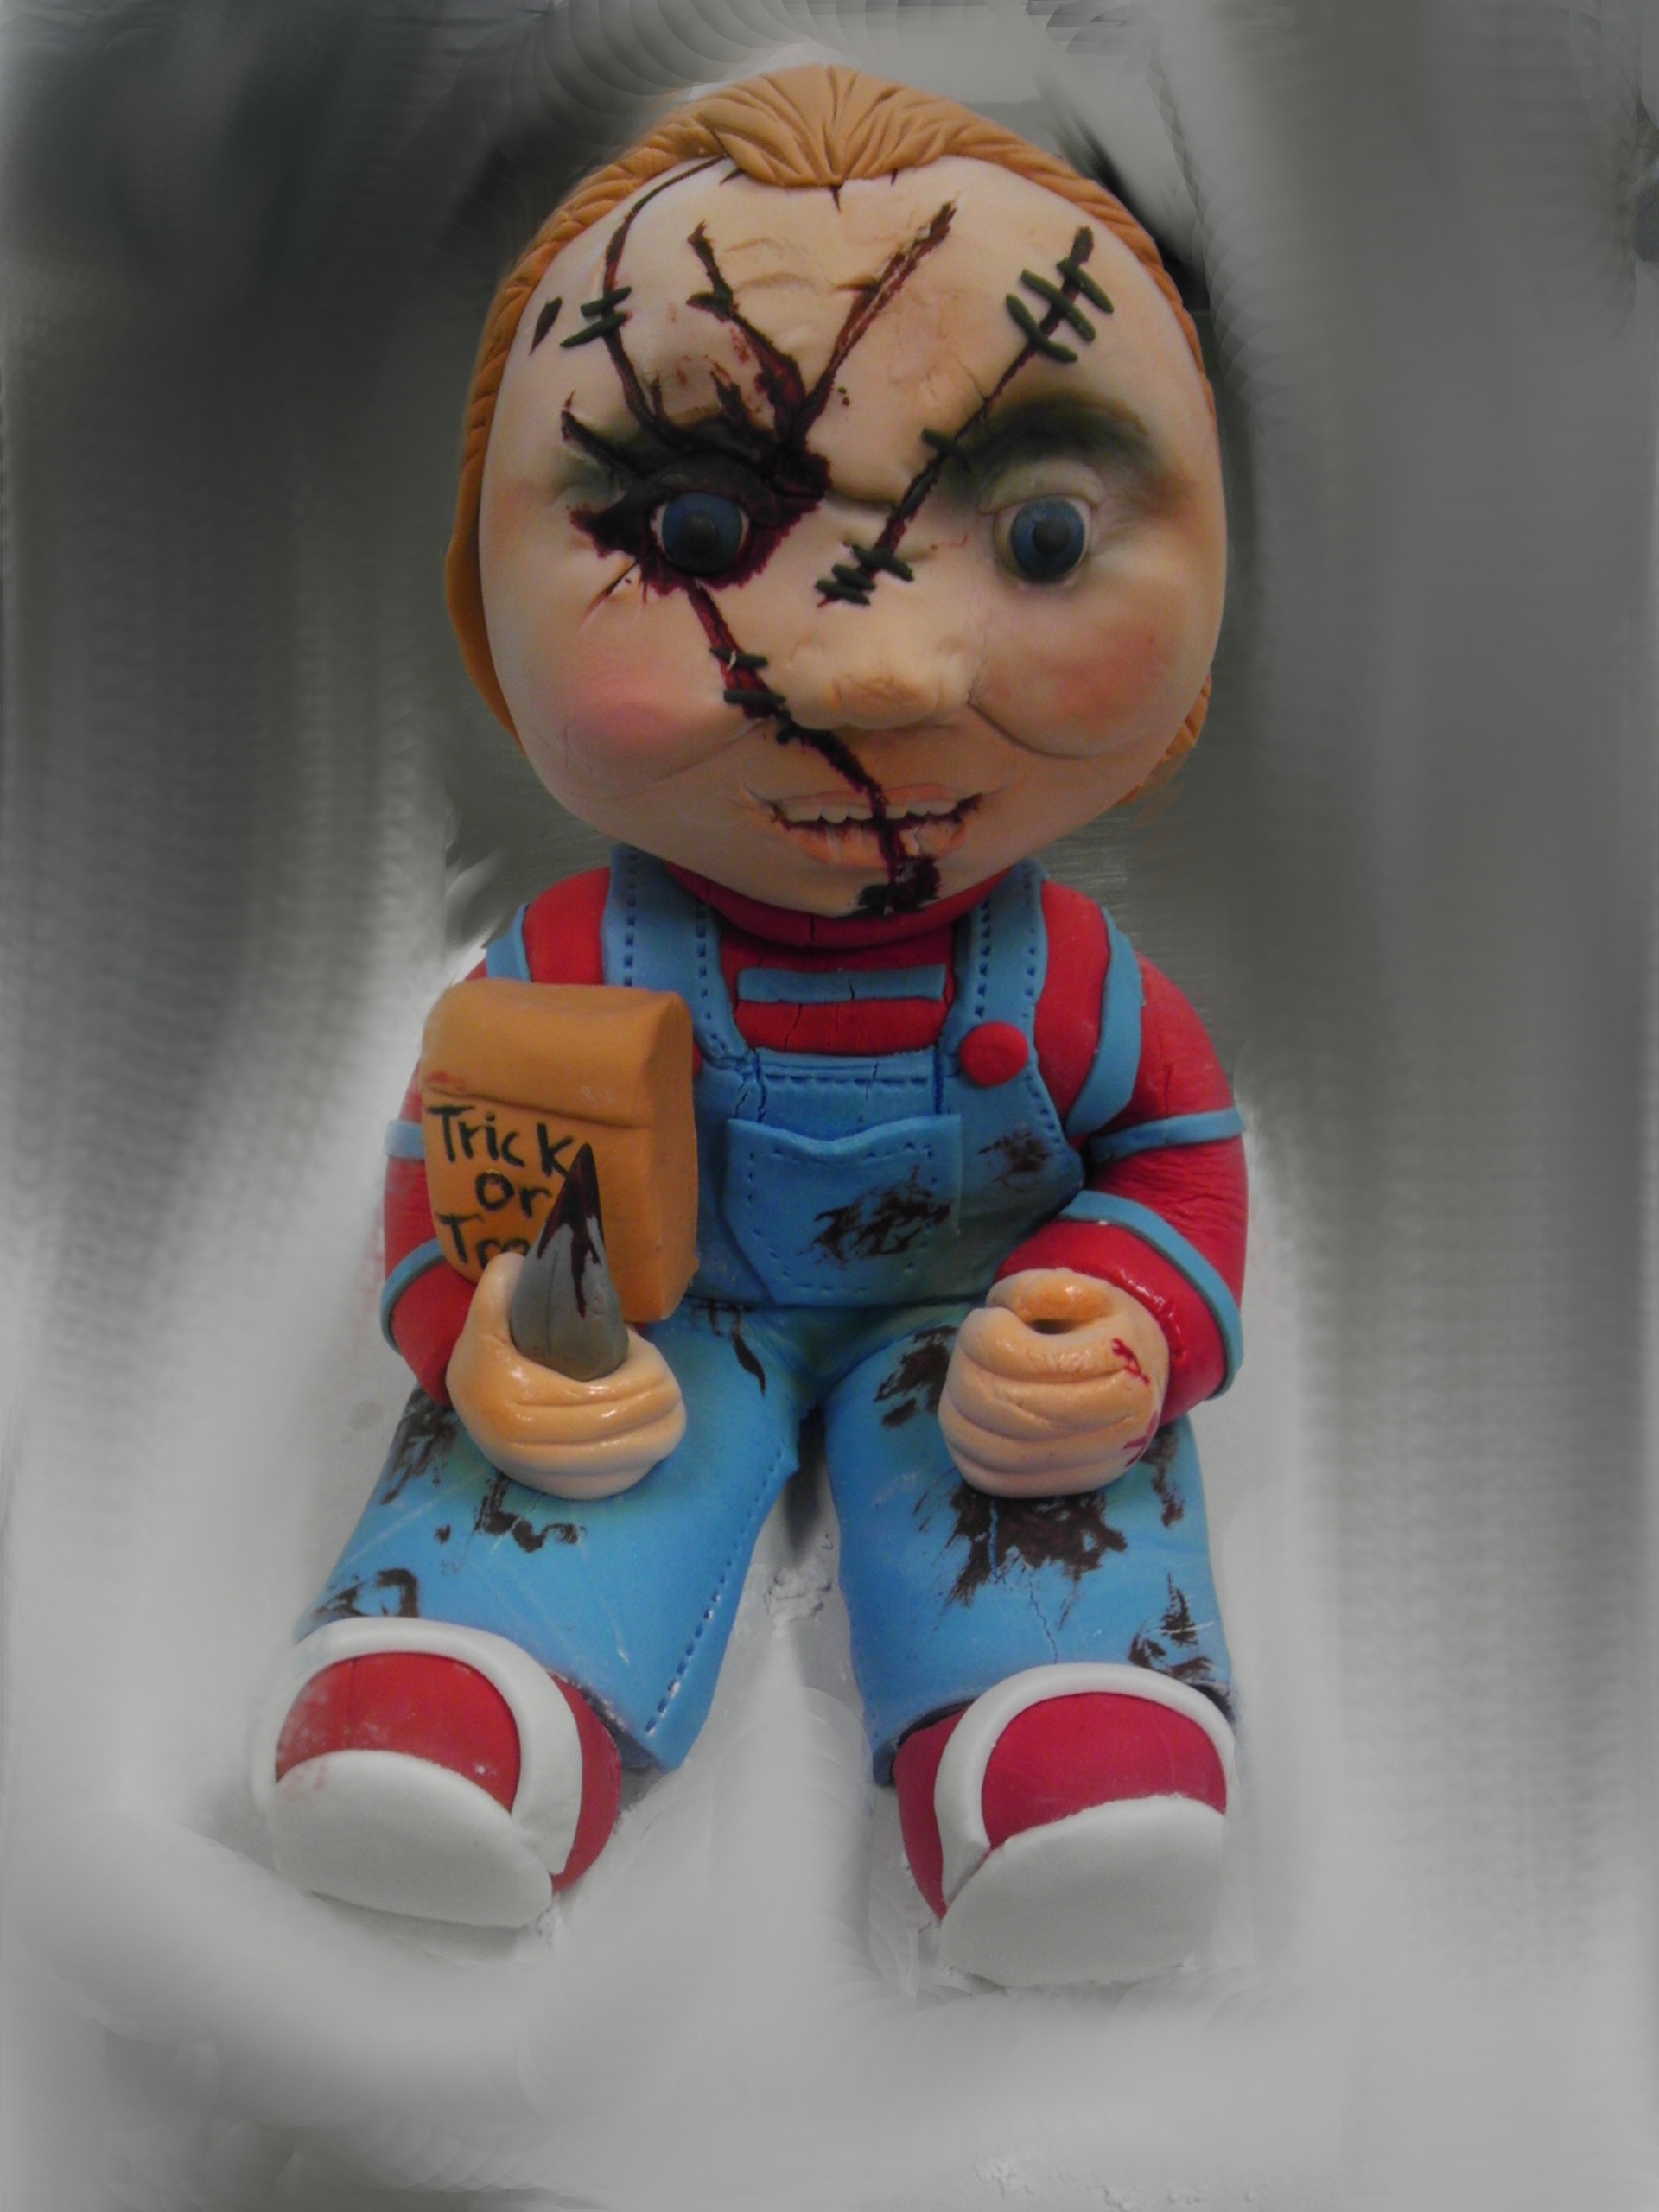 Chucky Doll Birthday Cakes